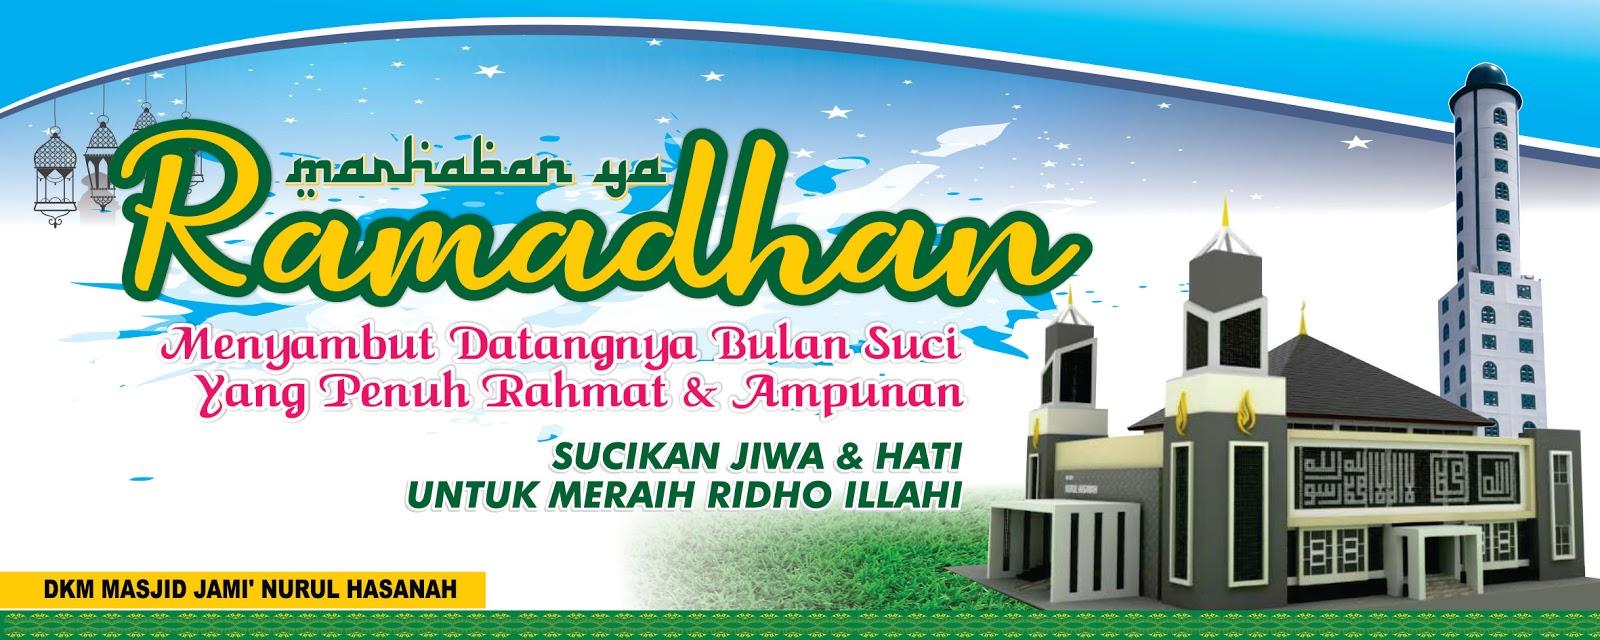 Spanduk Ramadhan Warna Biru